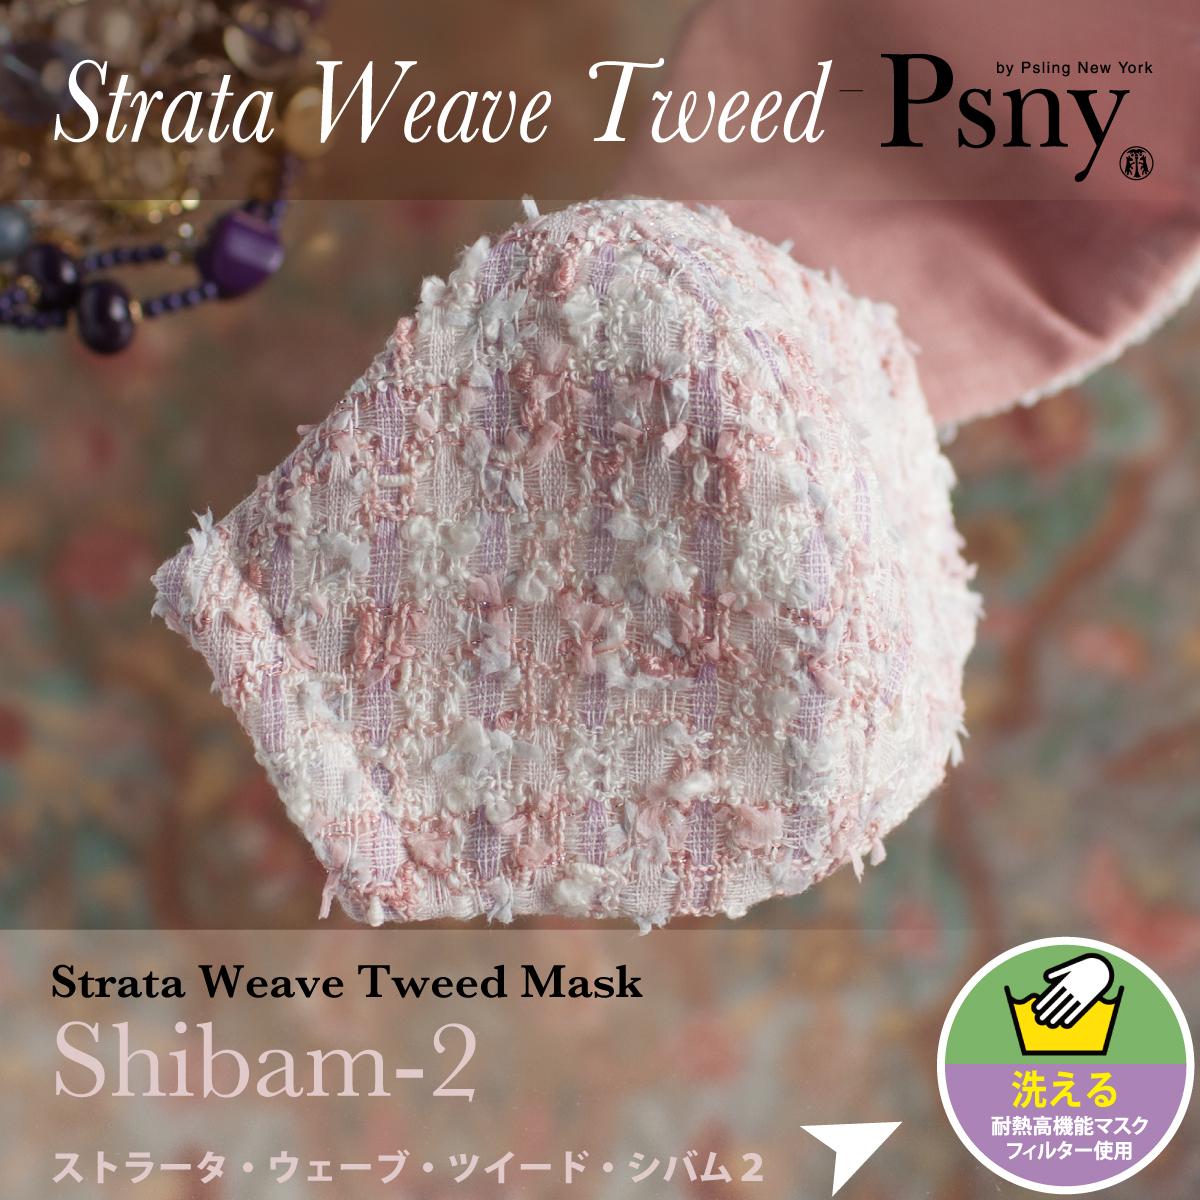 PSNY ツイード・シバム2 ピンク 洗える不織布フィルター入り 立体 花粉 黄砂 大人用 高級 保温 保湿かわいい ふんわり マスク 送料無料 S02